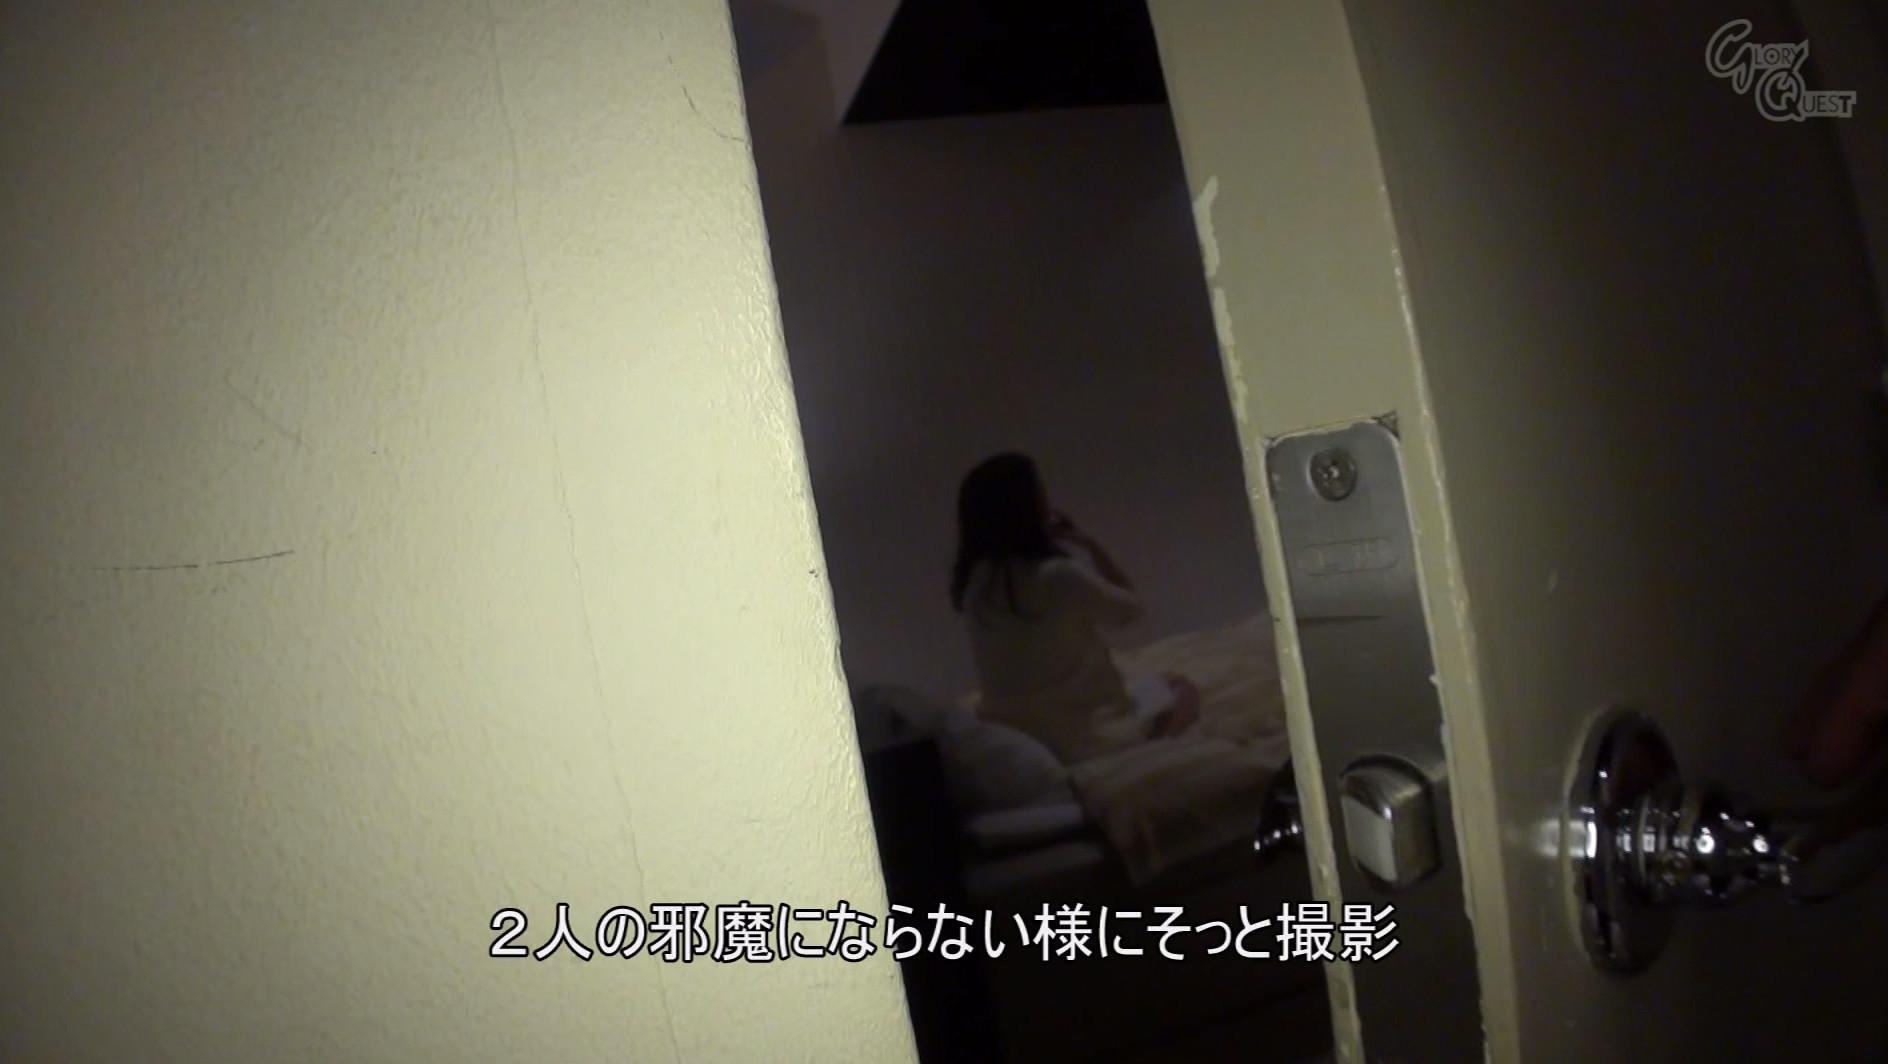 イケメンおなべAVデビュー 画像3